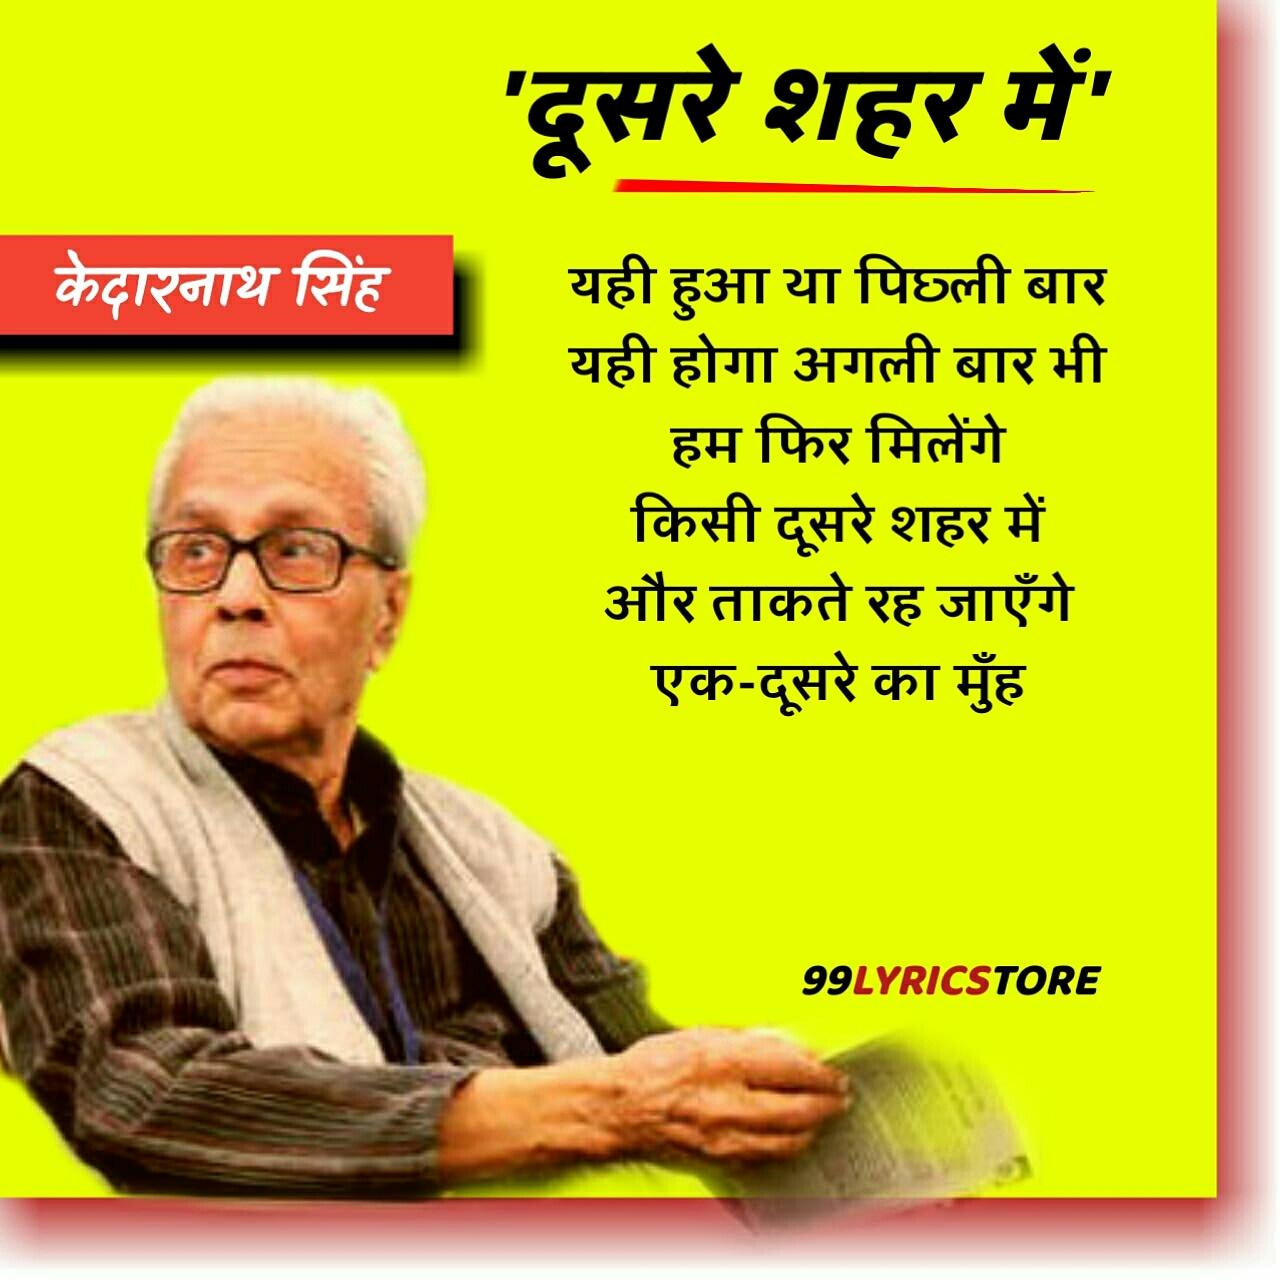 'दुसरे शहर में' कविता केदारनाथ सिंह जी द्वारा लिखी गई एक हिन्दी कविता है।